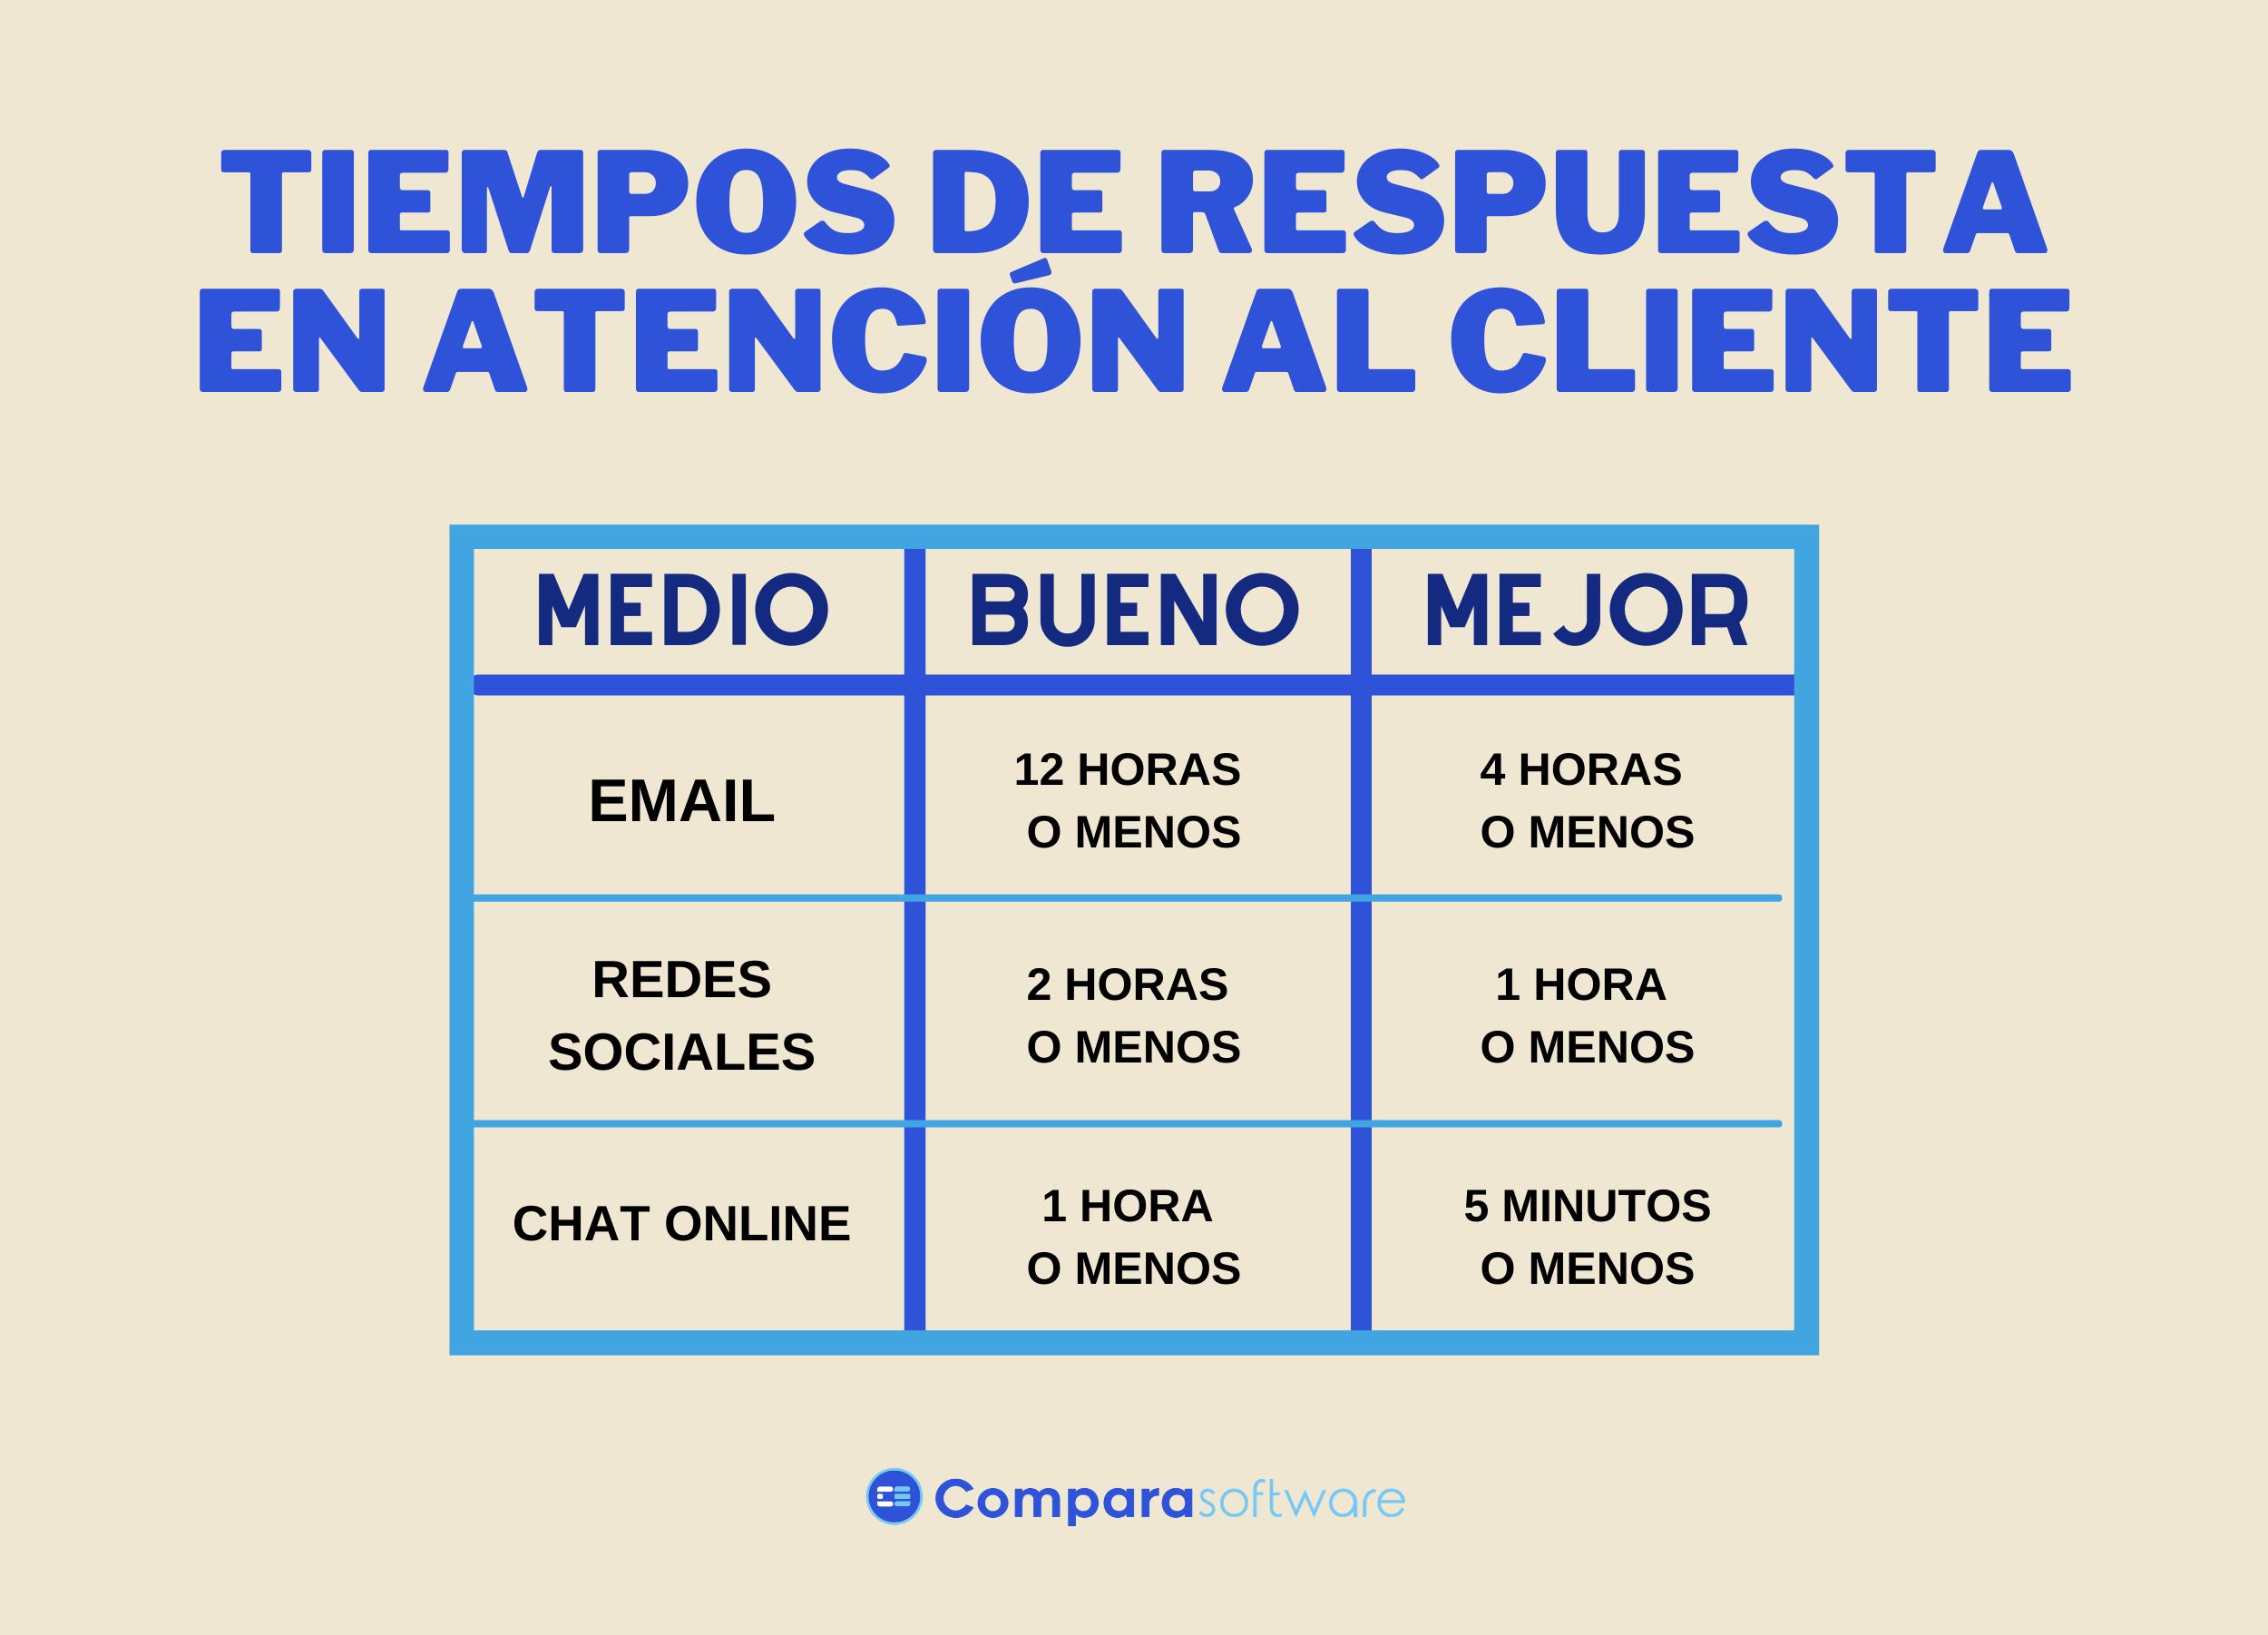 Comparativa de tiempos de respuesta aceptables en atención al cliente, en función del canal de atención elegido por el usuario.